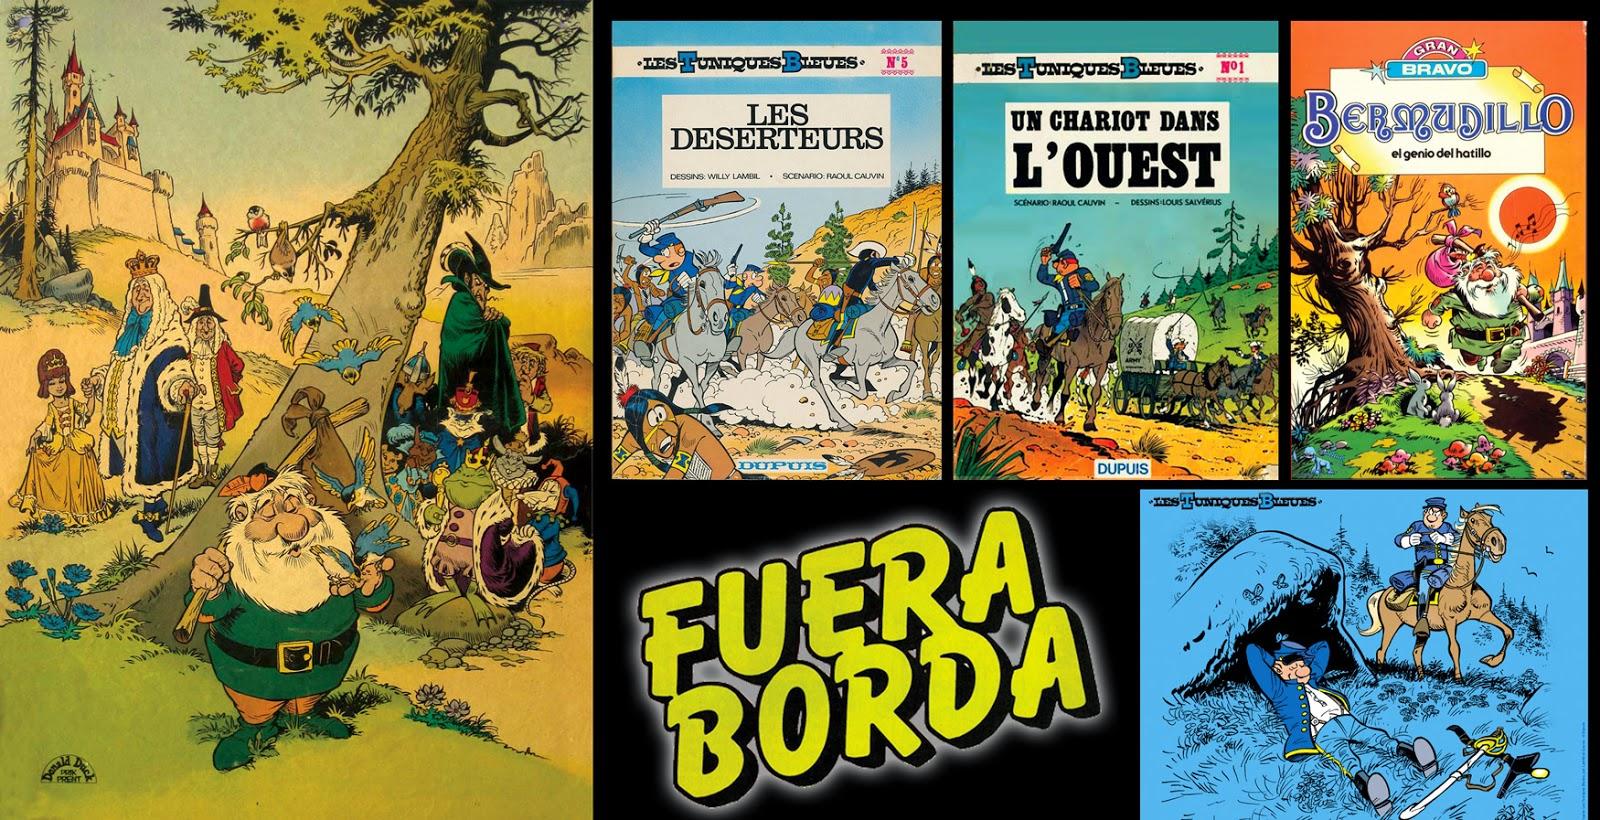 Fuera Borda - Dolmen - Los casacas azules - Bermudillo, el genio del hatillo